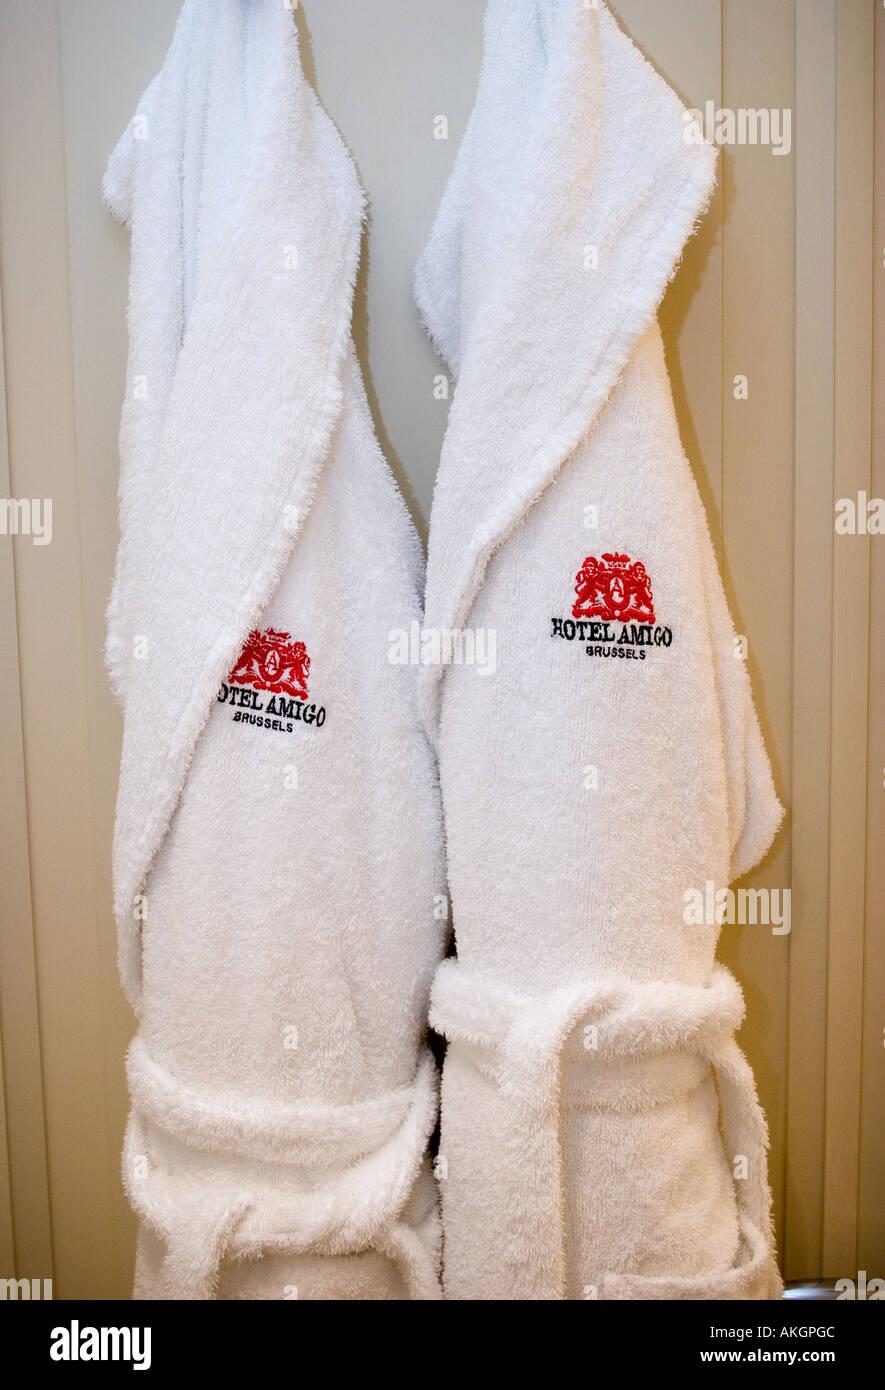 Batas Hotel Amigo Bélgica Imagen De Stock